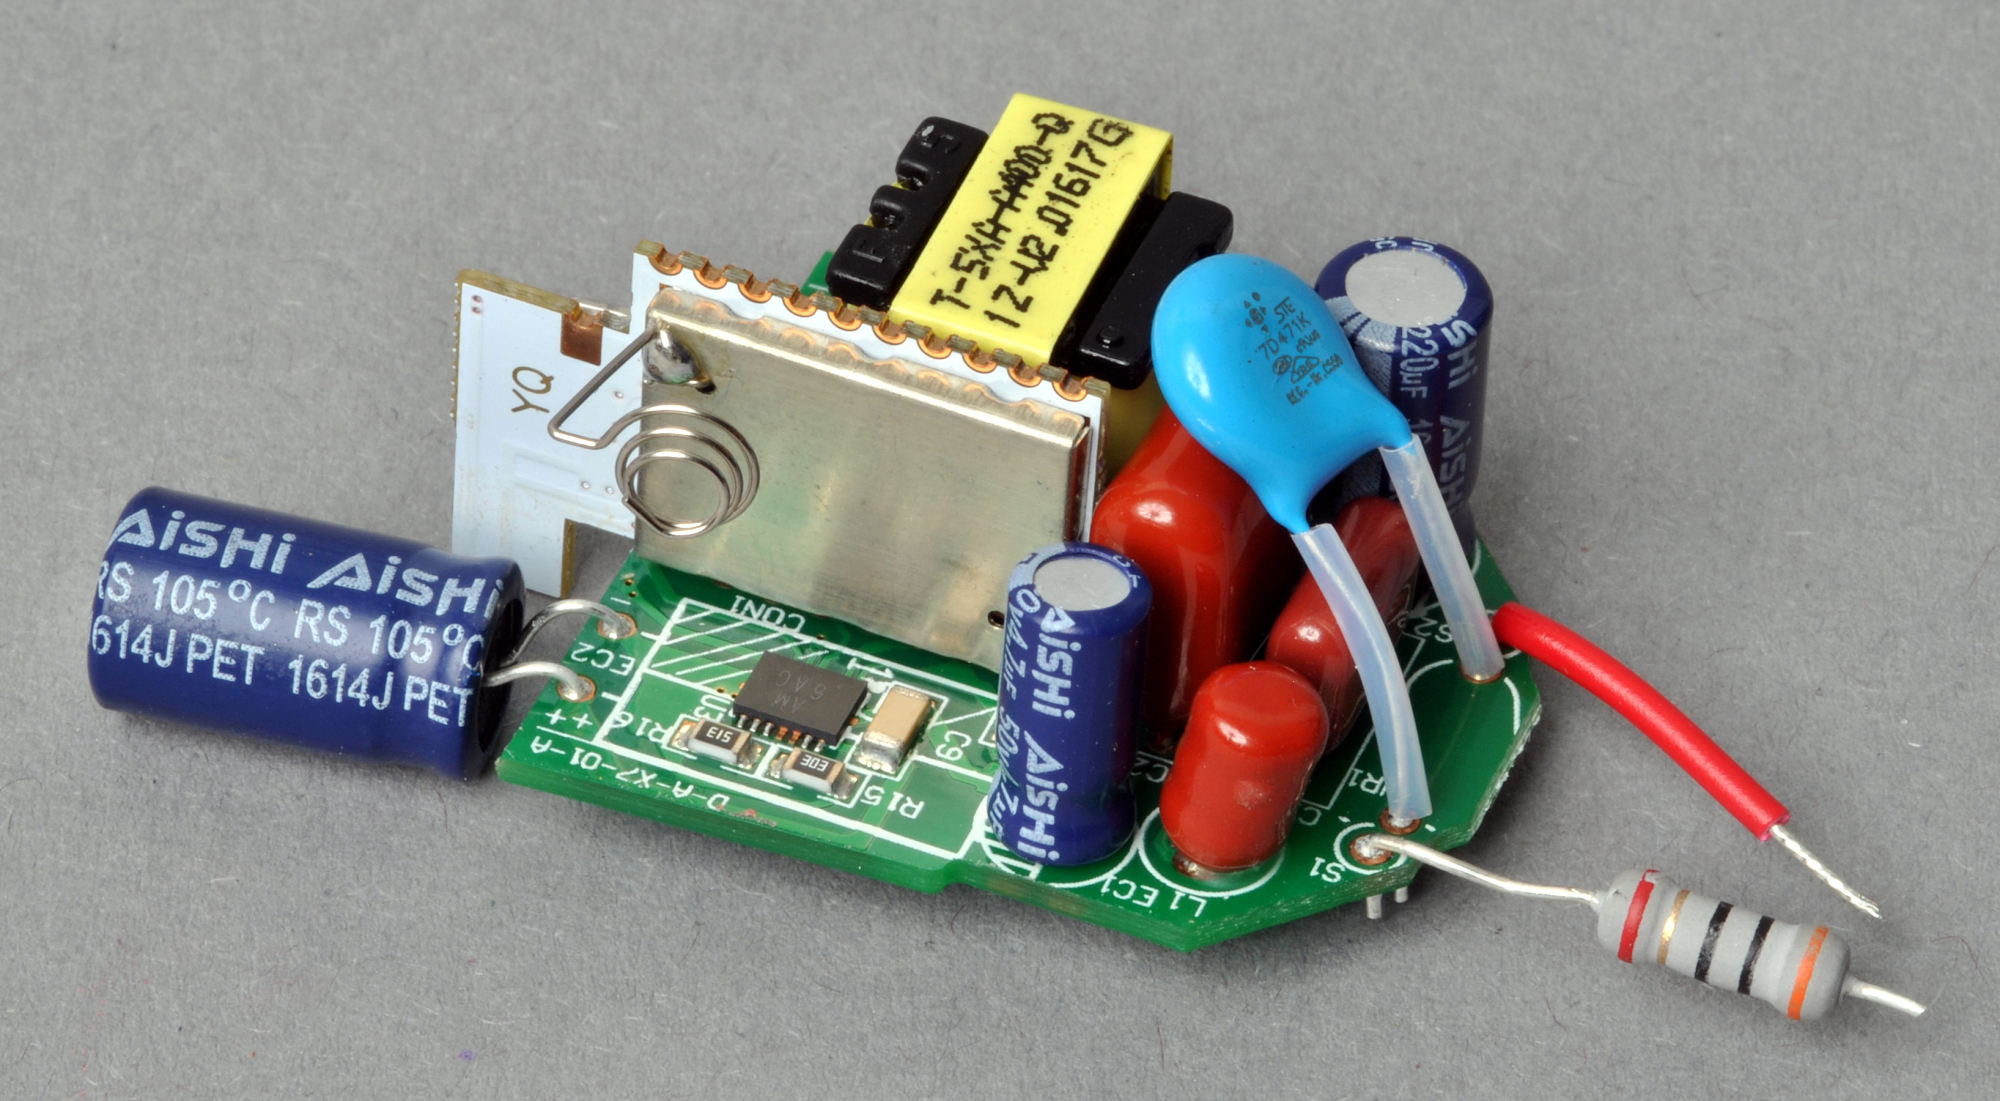 Basisplatine_Transceiver-Modul_MOSFET_Spannungsregelung-c0dfe61a32686e9d Spannende Lampen Per App Steuern Dekorationen